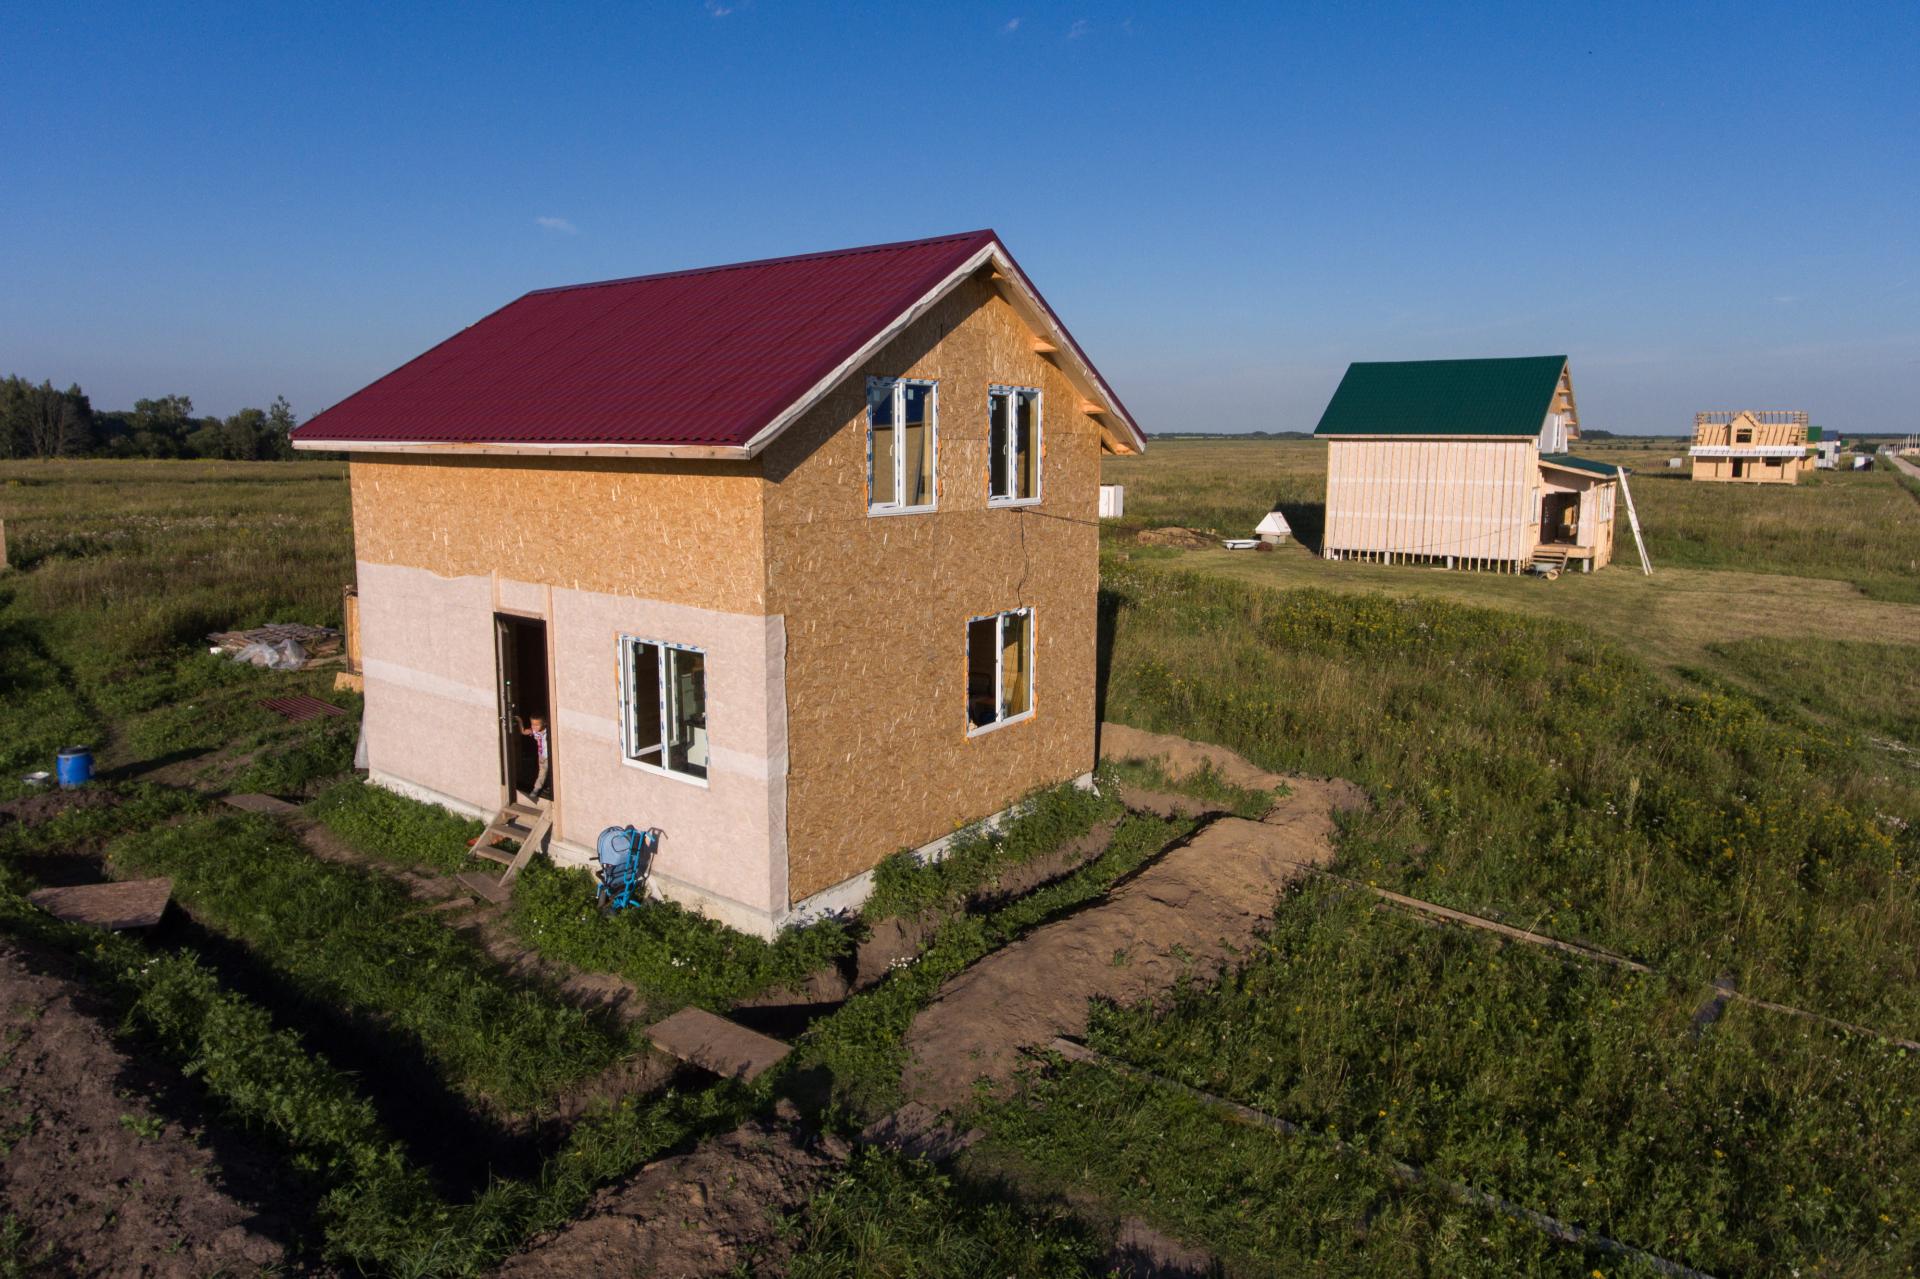 Параметры жилого дома, возводимого на приусадебном земельном участке, должны соответствовать параметрам объекта ИЖС